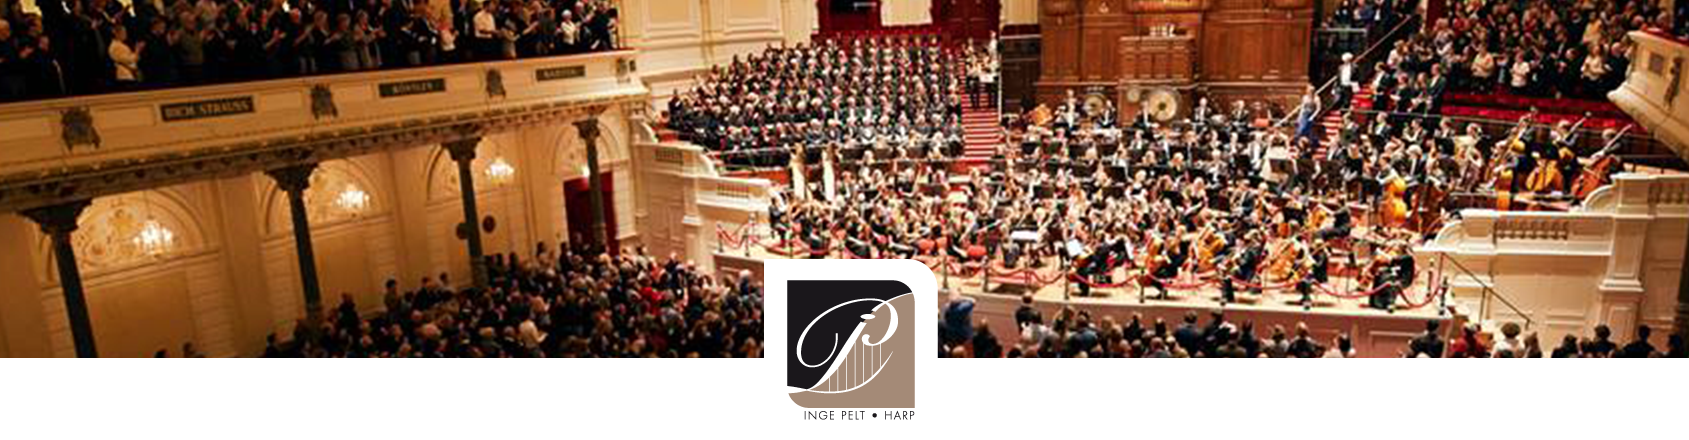 USC Concertgebouw Mahler Harpist